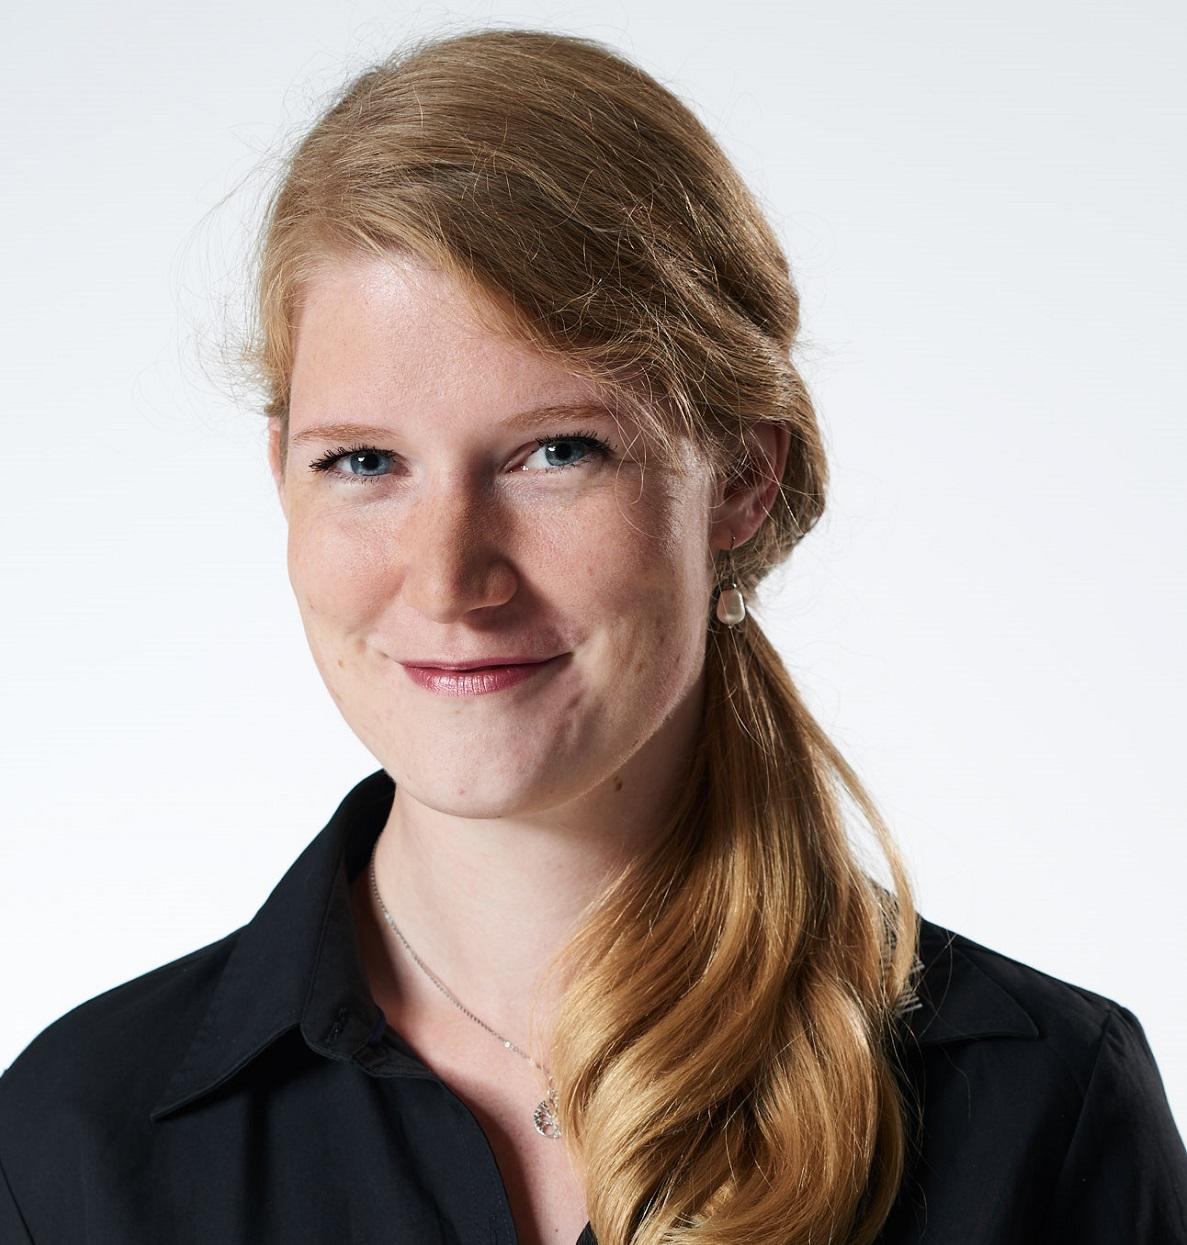 Lara Hirche